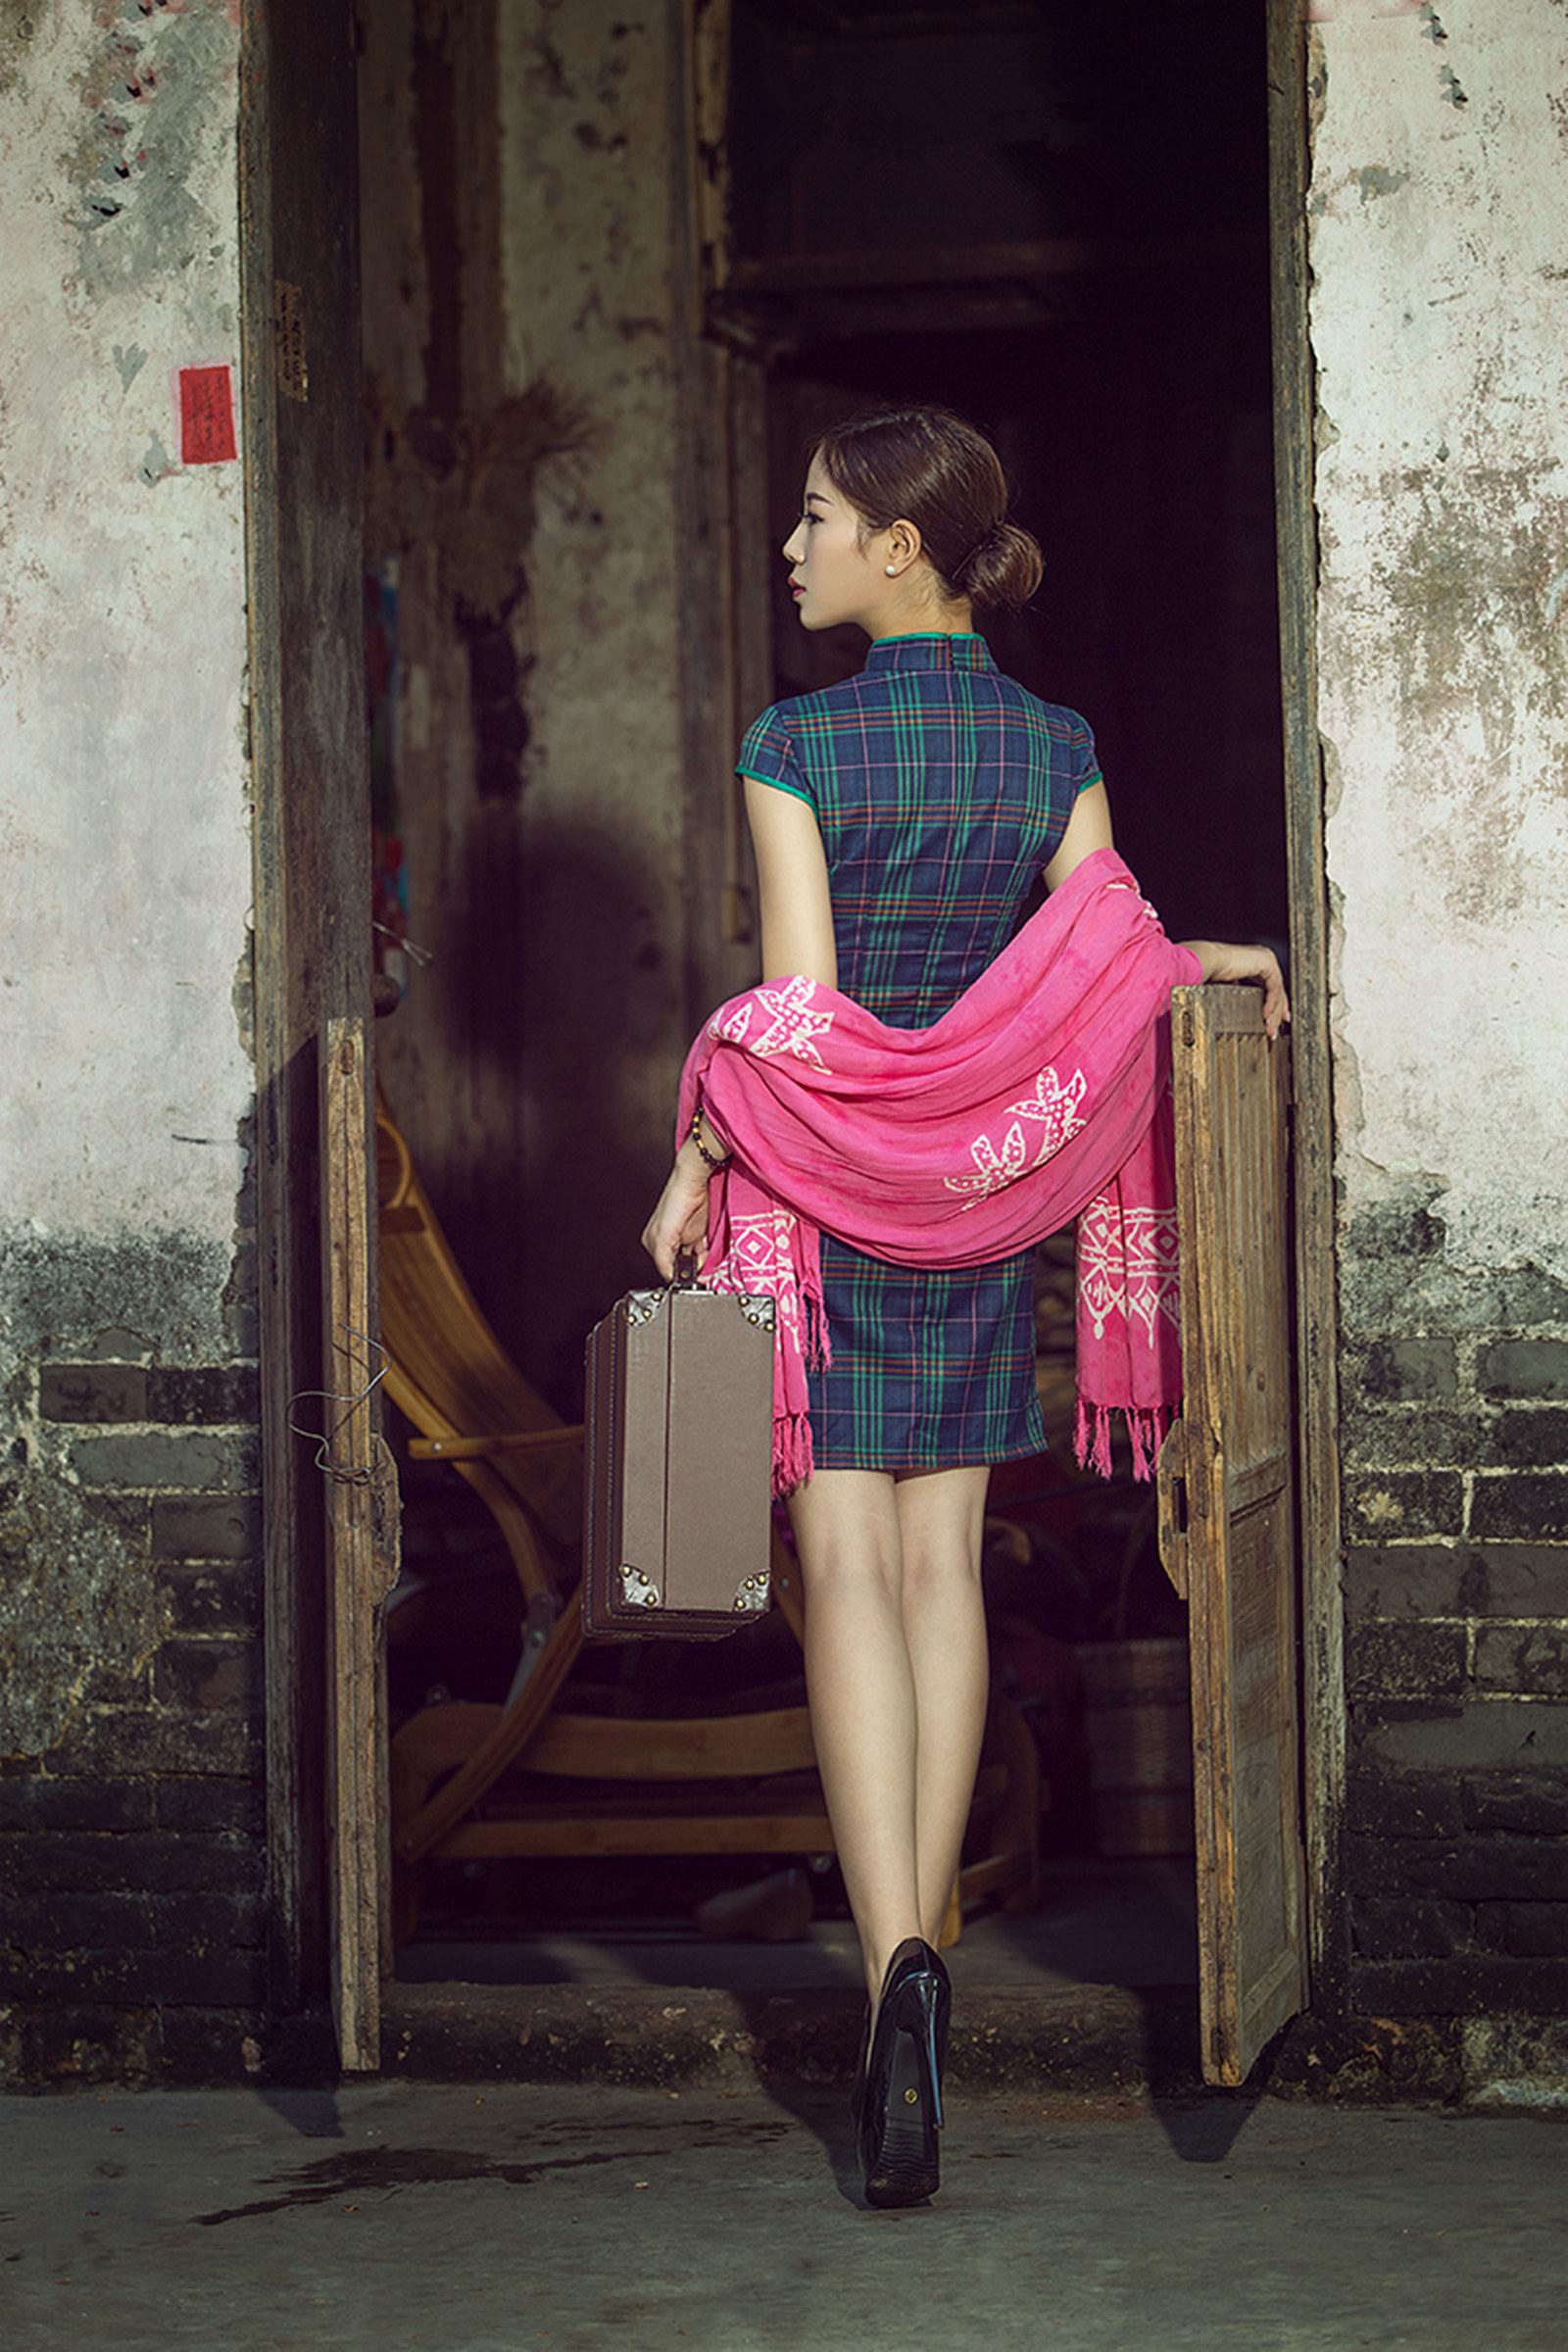 小镇记忆  格子旗袍 - 花開有聲 - 花開有聲